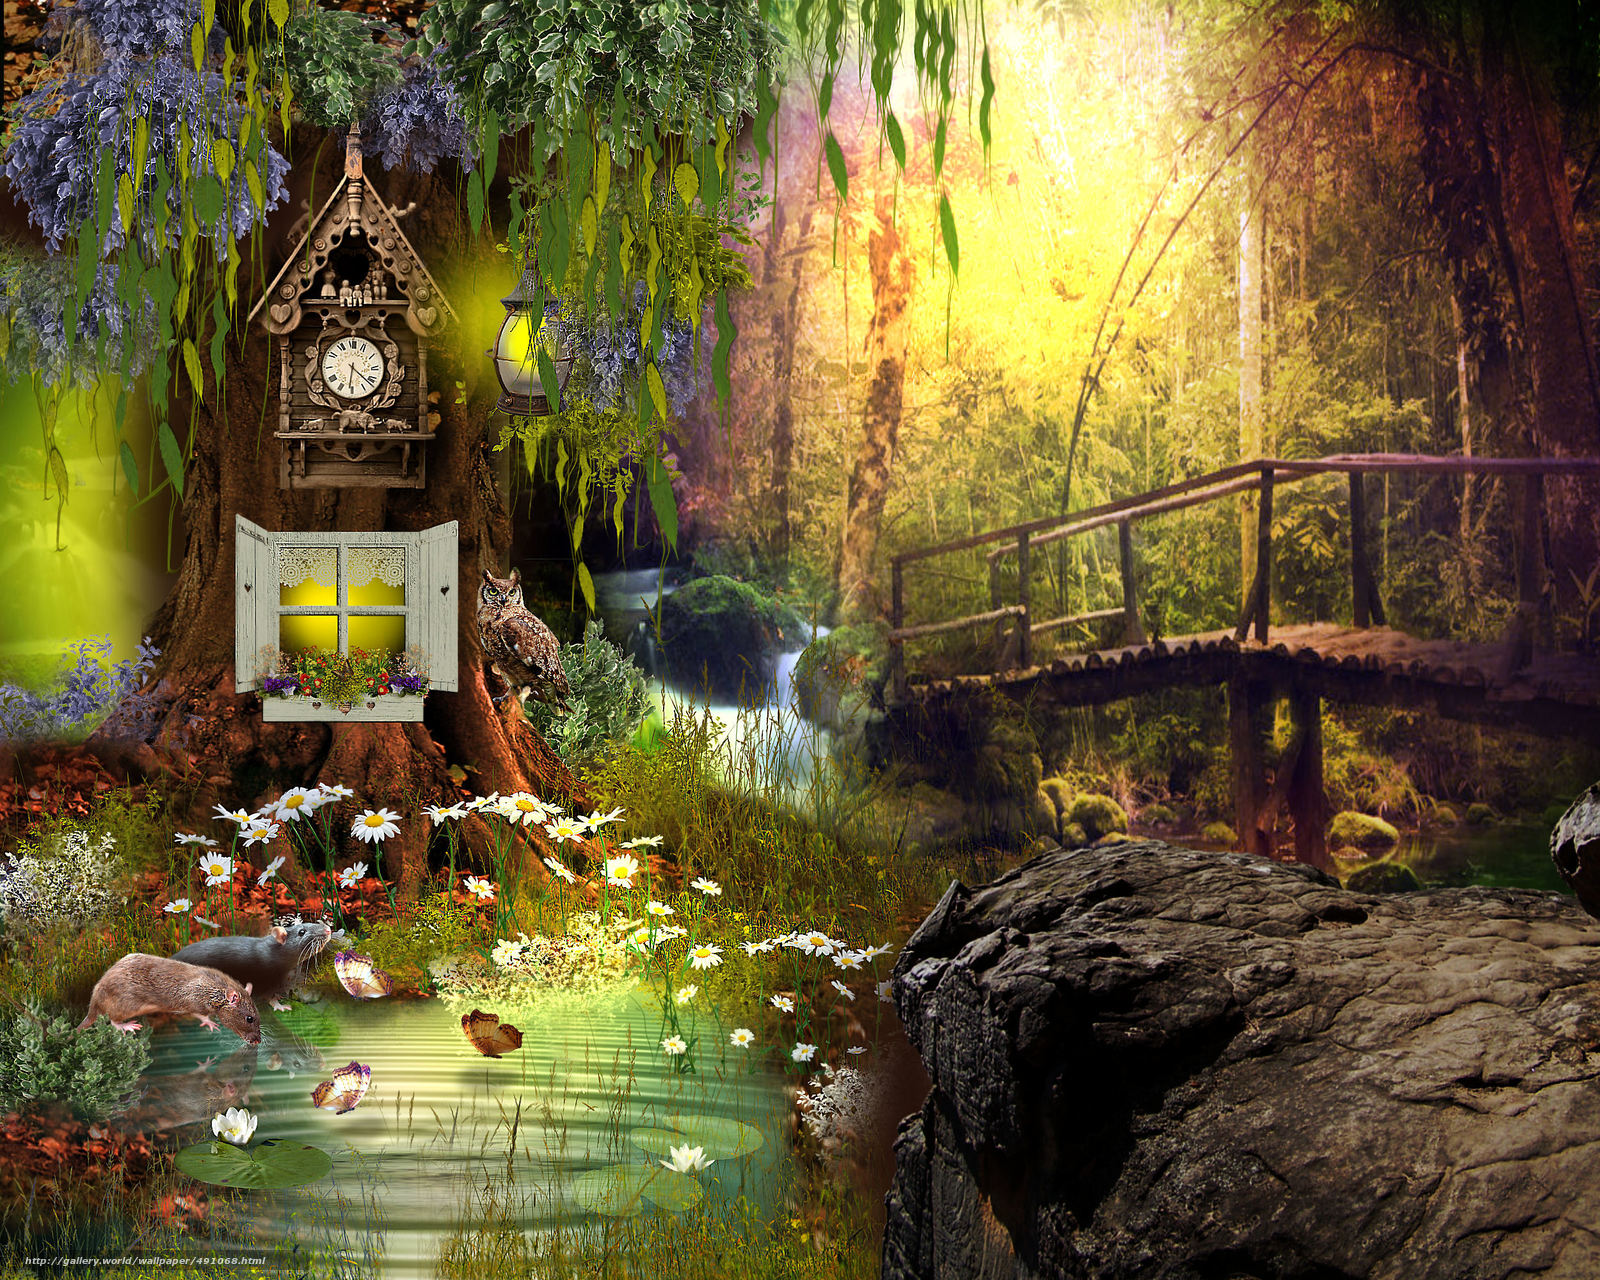 Tlcharger fond d 39 ecran 3d nature fanasmagoriya fonds d for Image nature hd pour pc